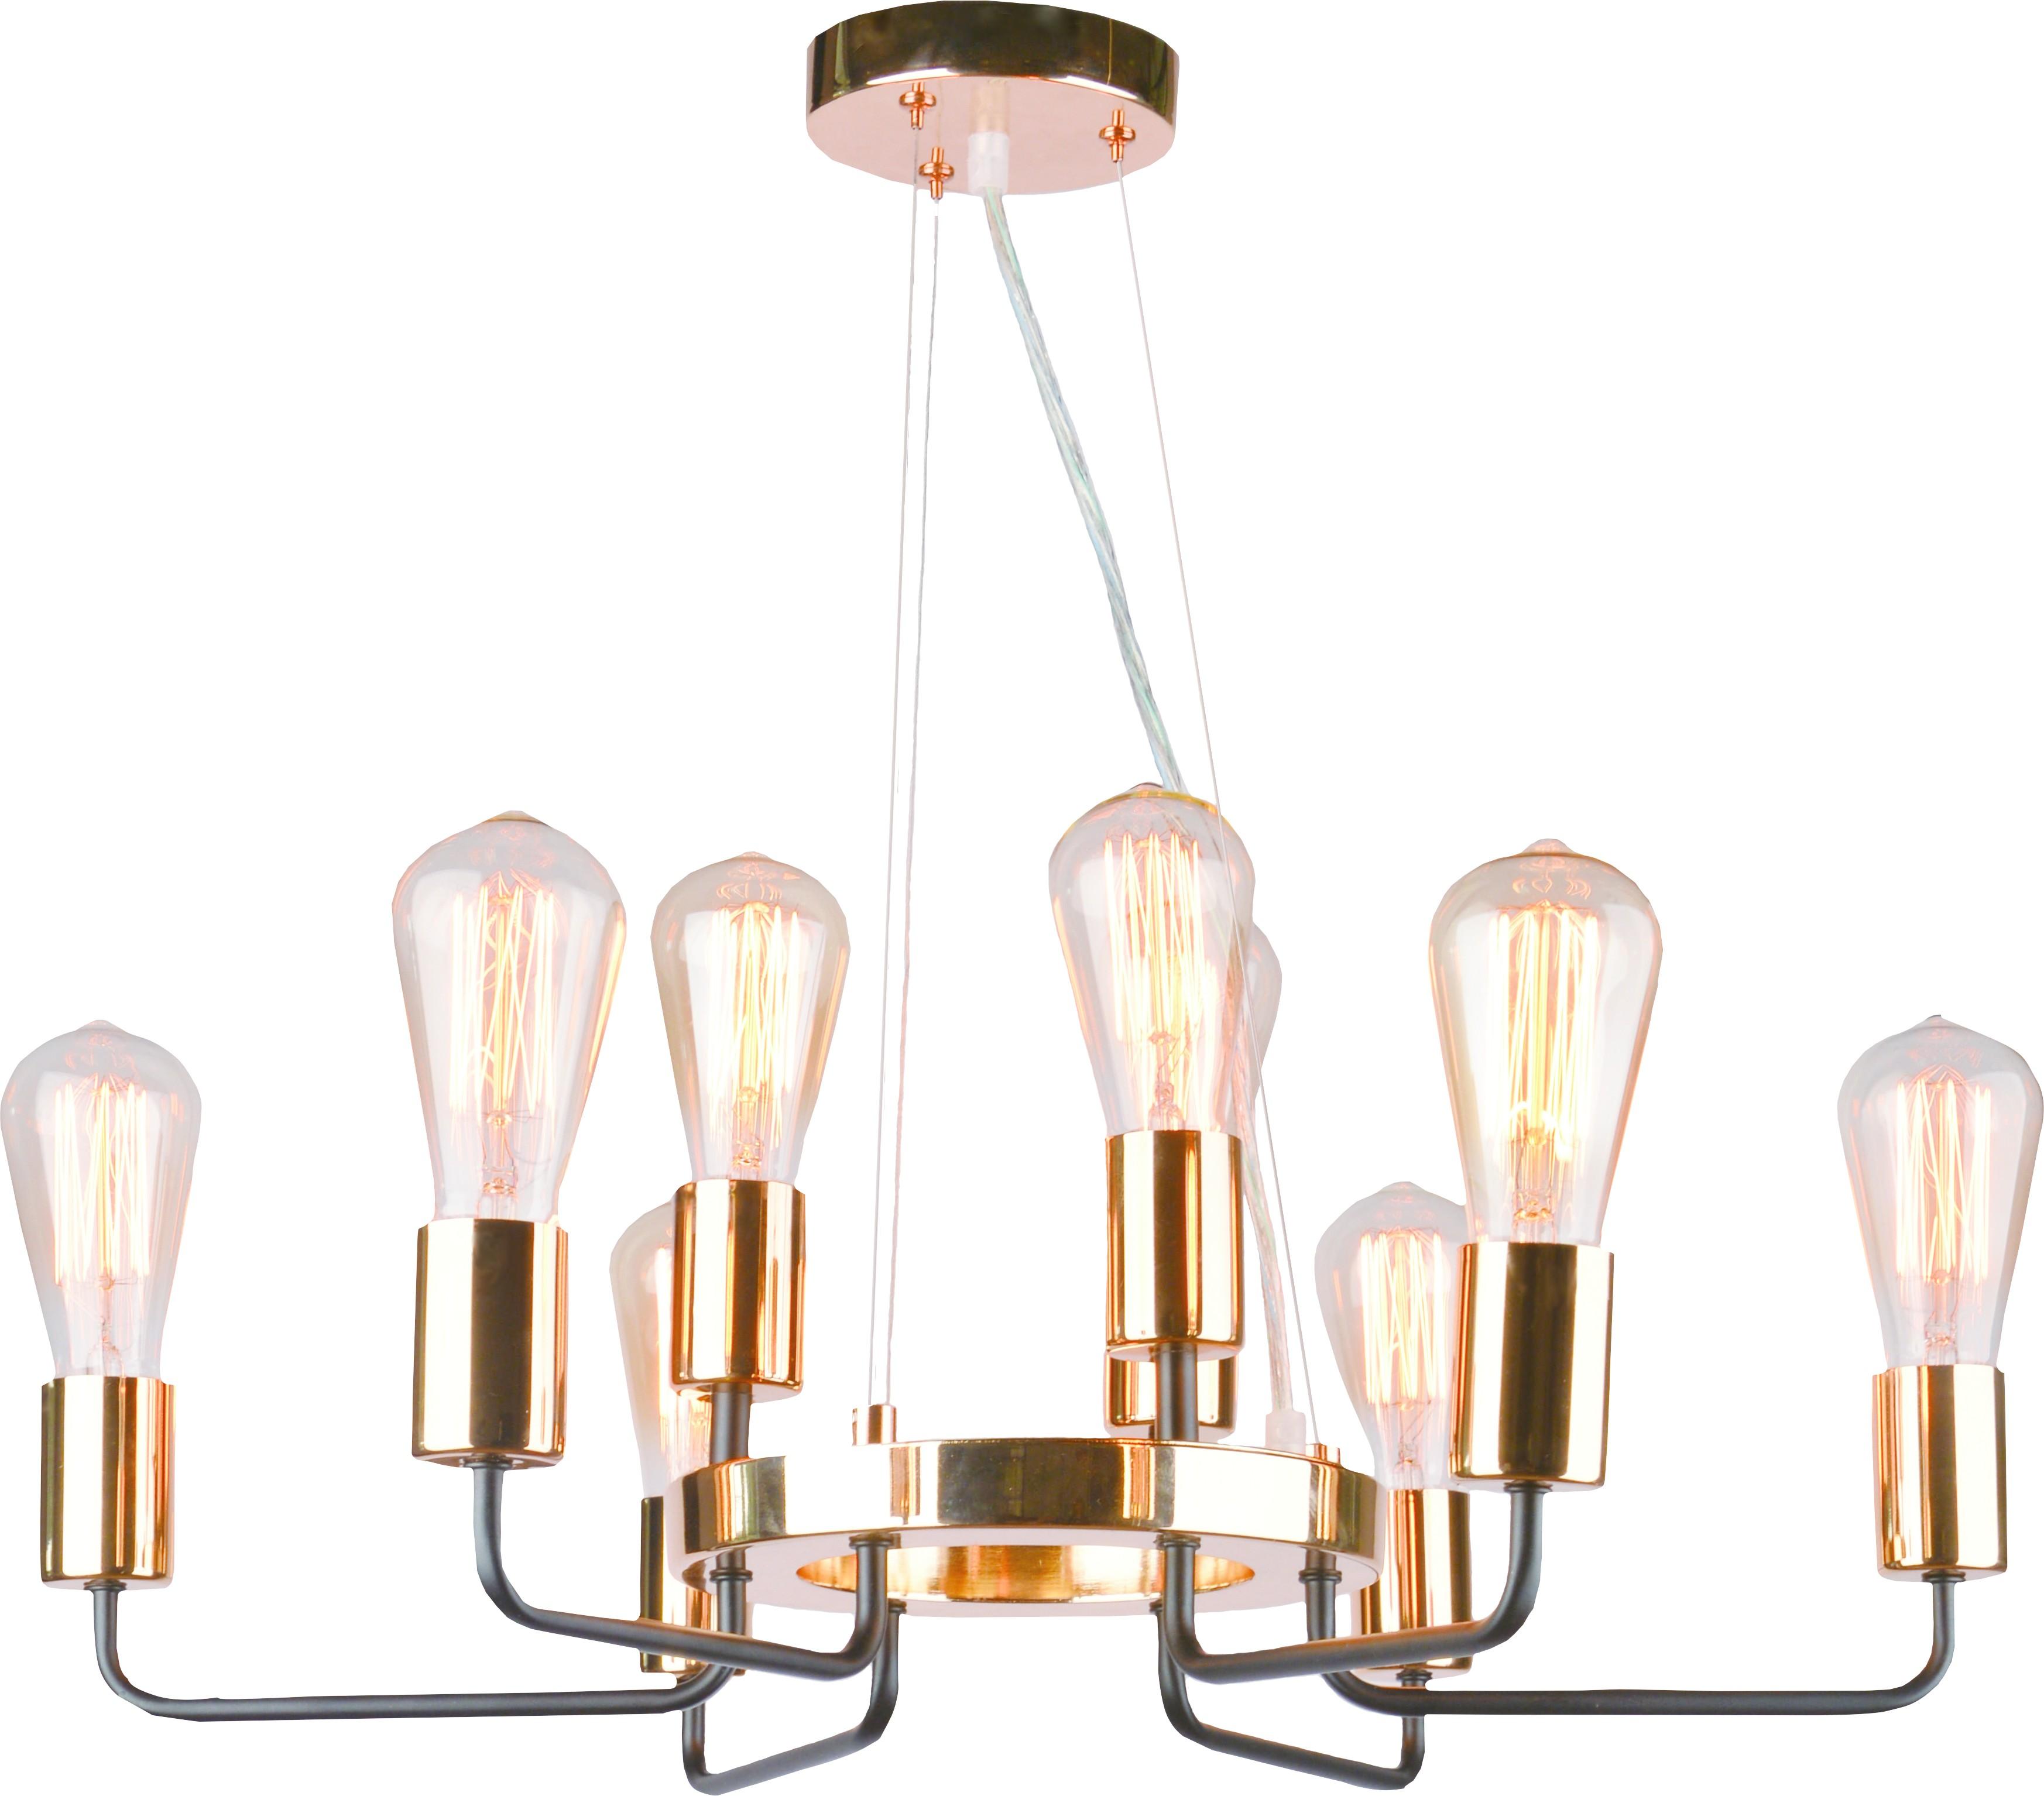 Люстра Arte lamp A6001lm-9bk